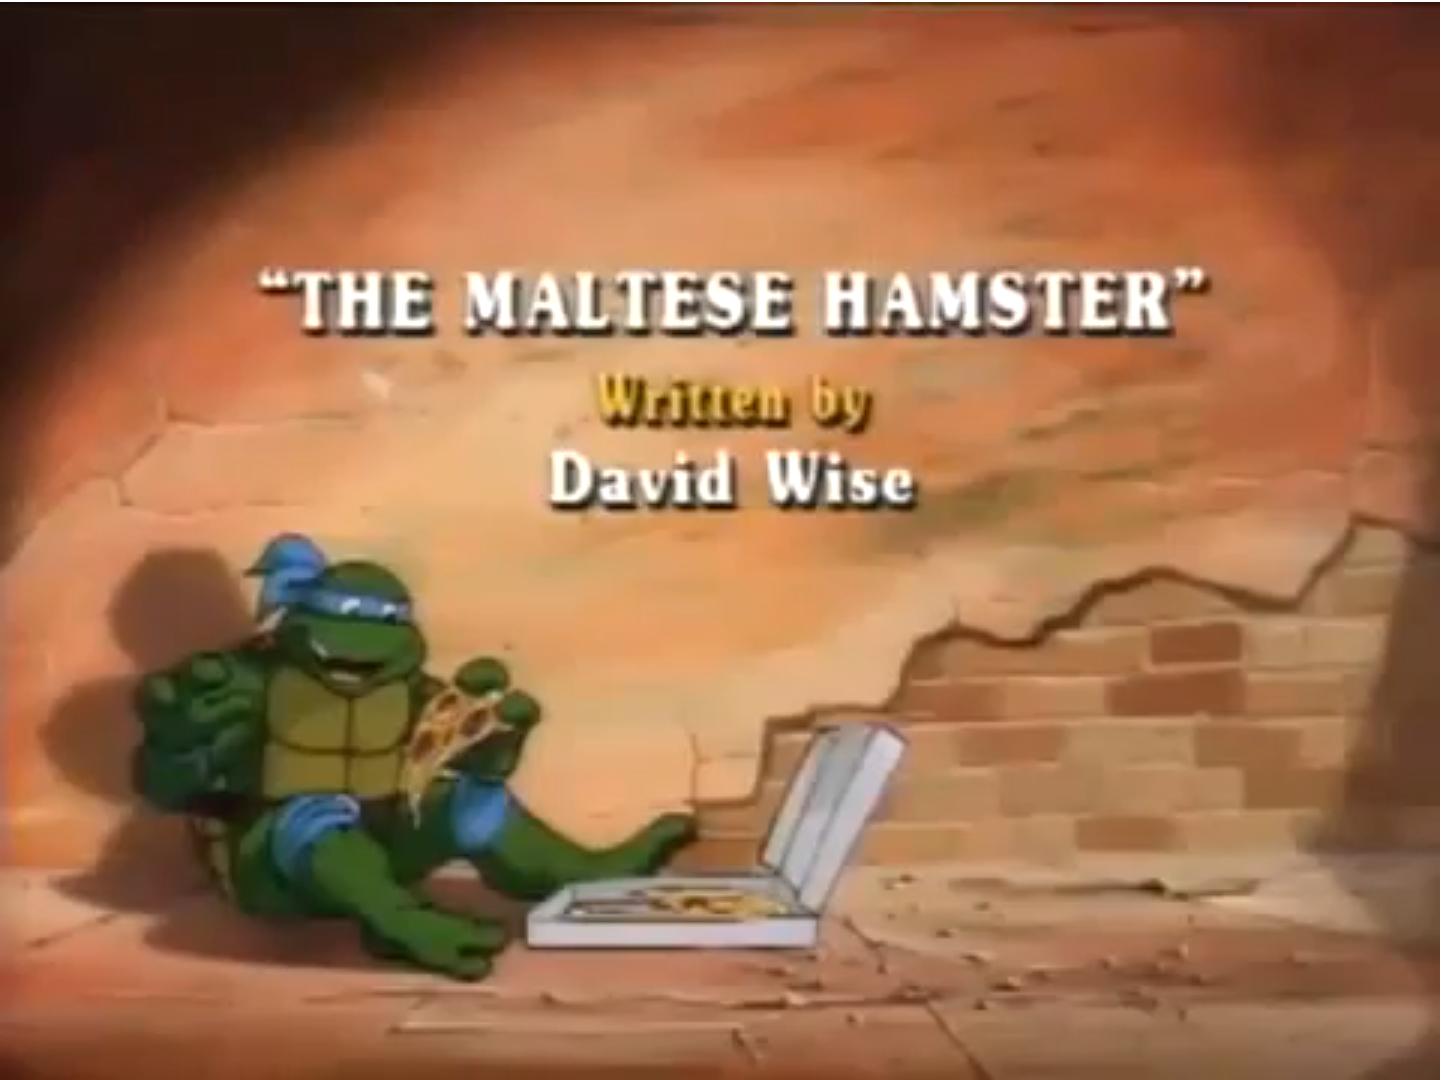 The Maltese Hamster